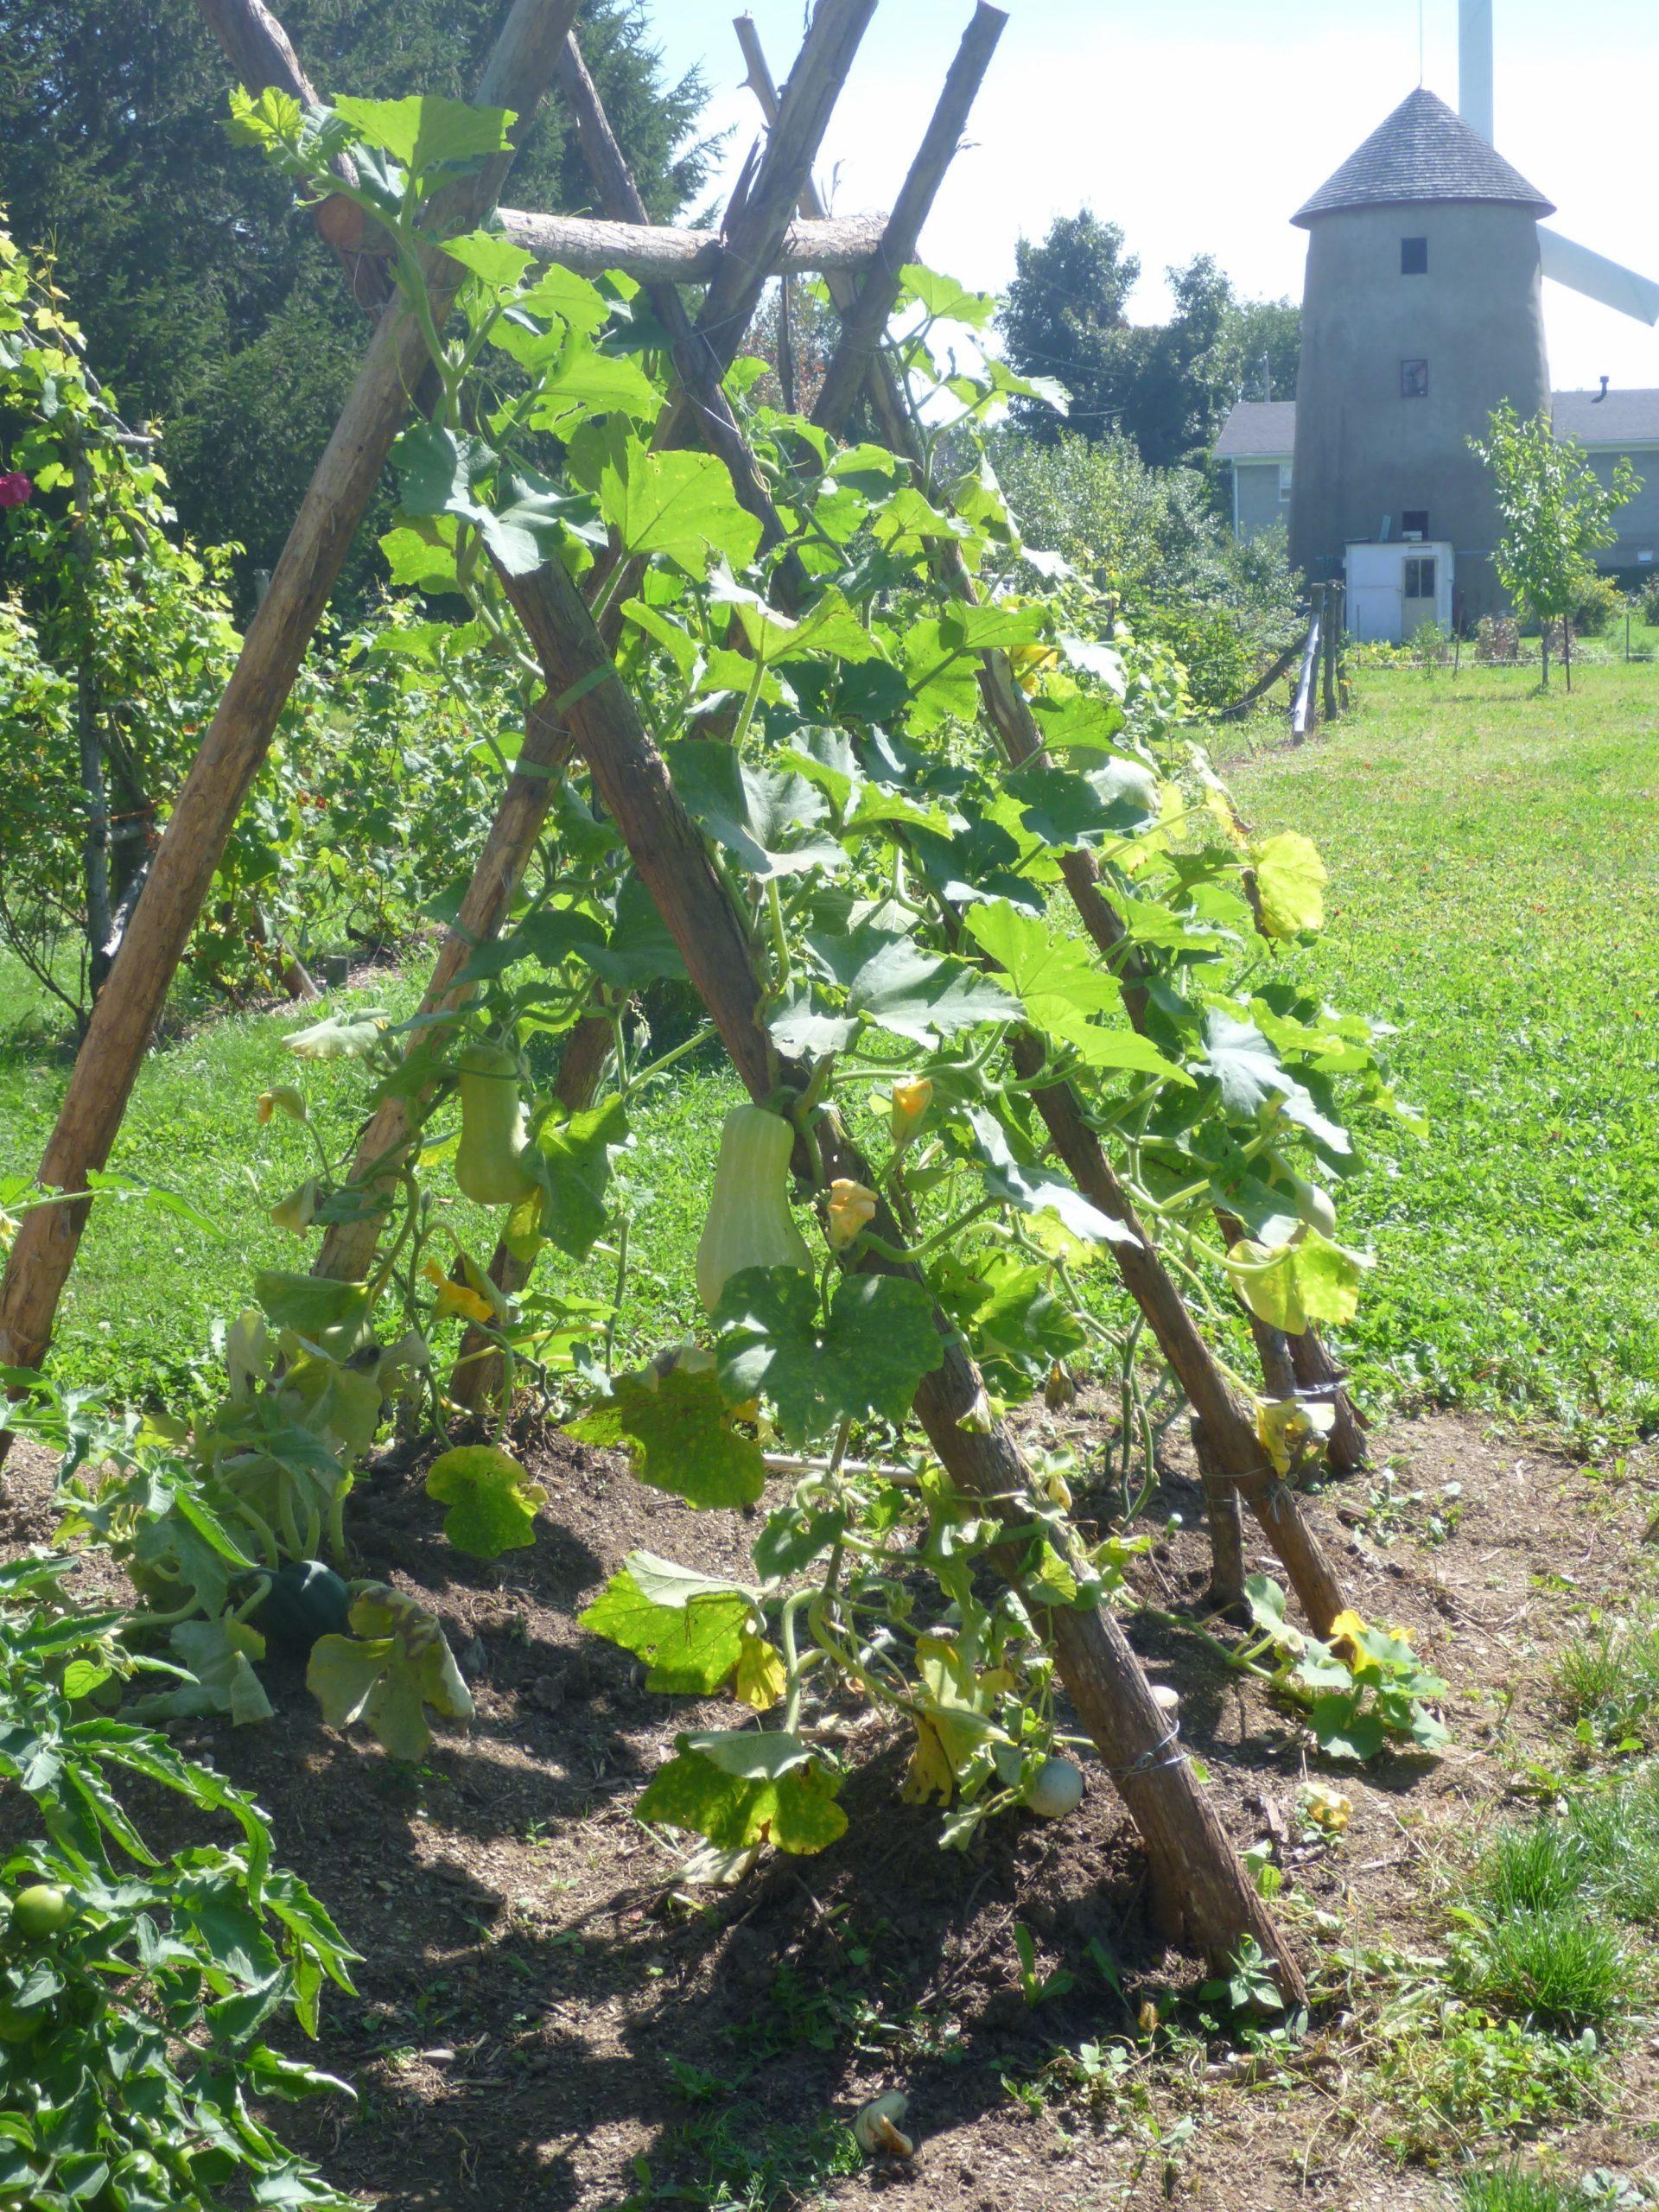 Structure Pour Les Courges | Jardin Potager, Tuteur Jardin ... concernant Idee De Plantation Pour Jardin